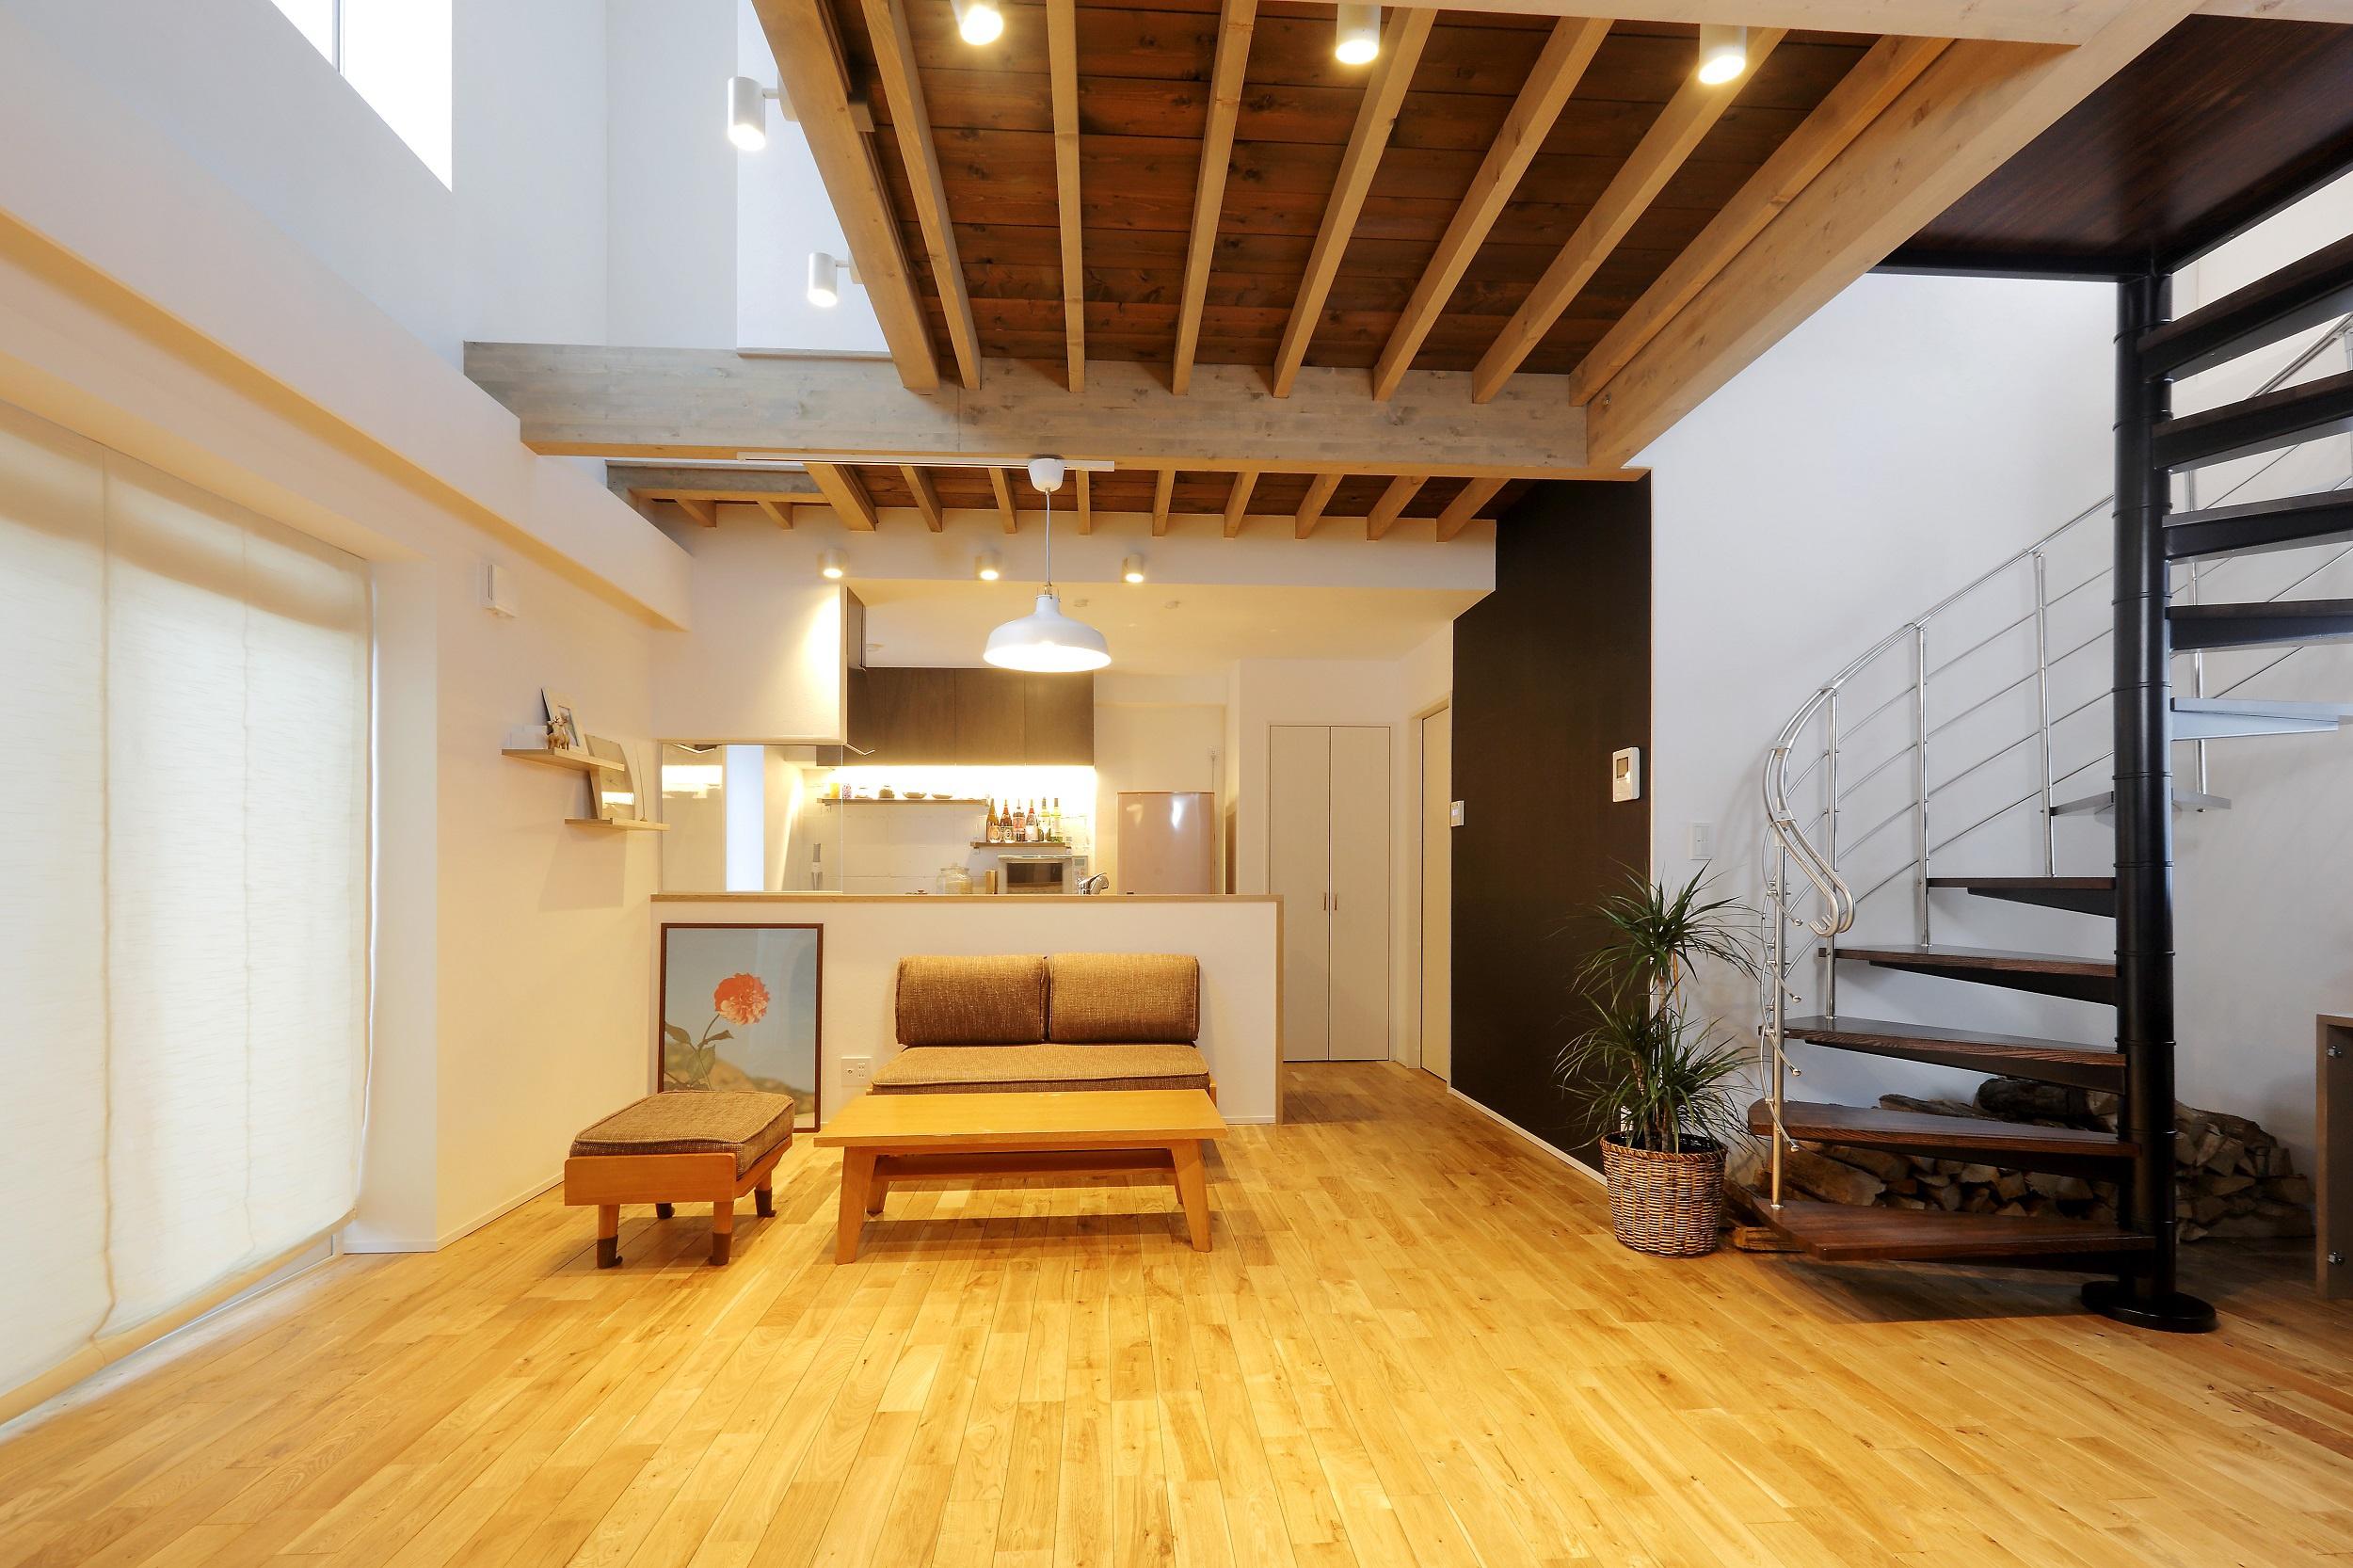 ブロック住宅は総2階にできないという制約があります。そこで屋根の形を変えて、2階空間を広げました。日差しがたっぷり降り注ぐリビングに。株式会社アルティザン建築工房